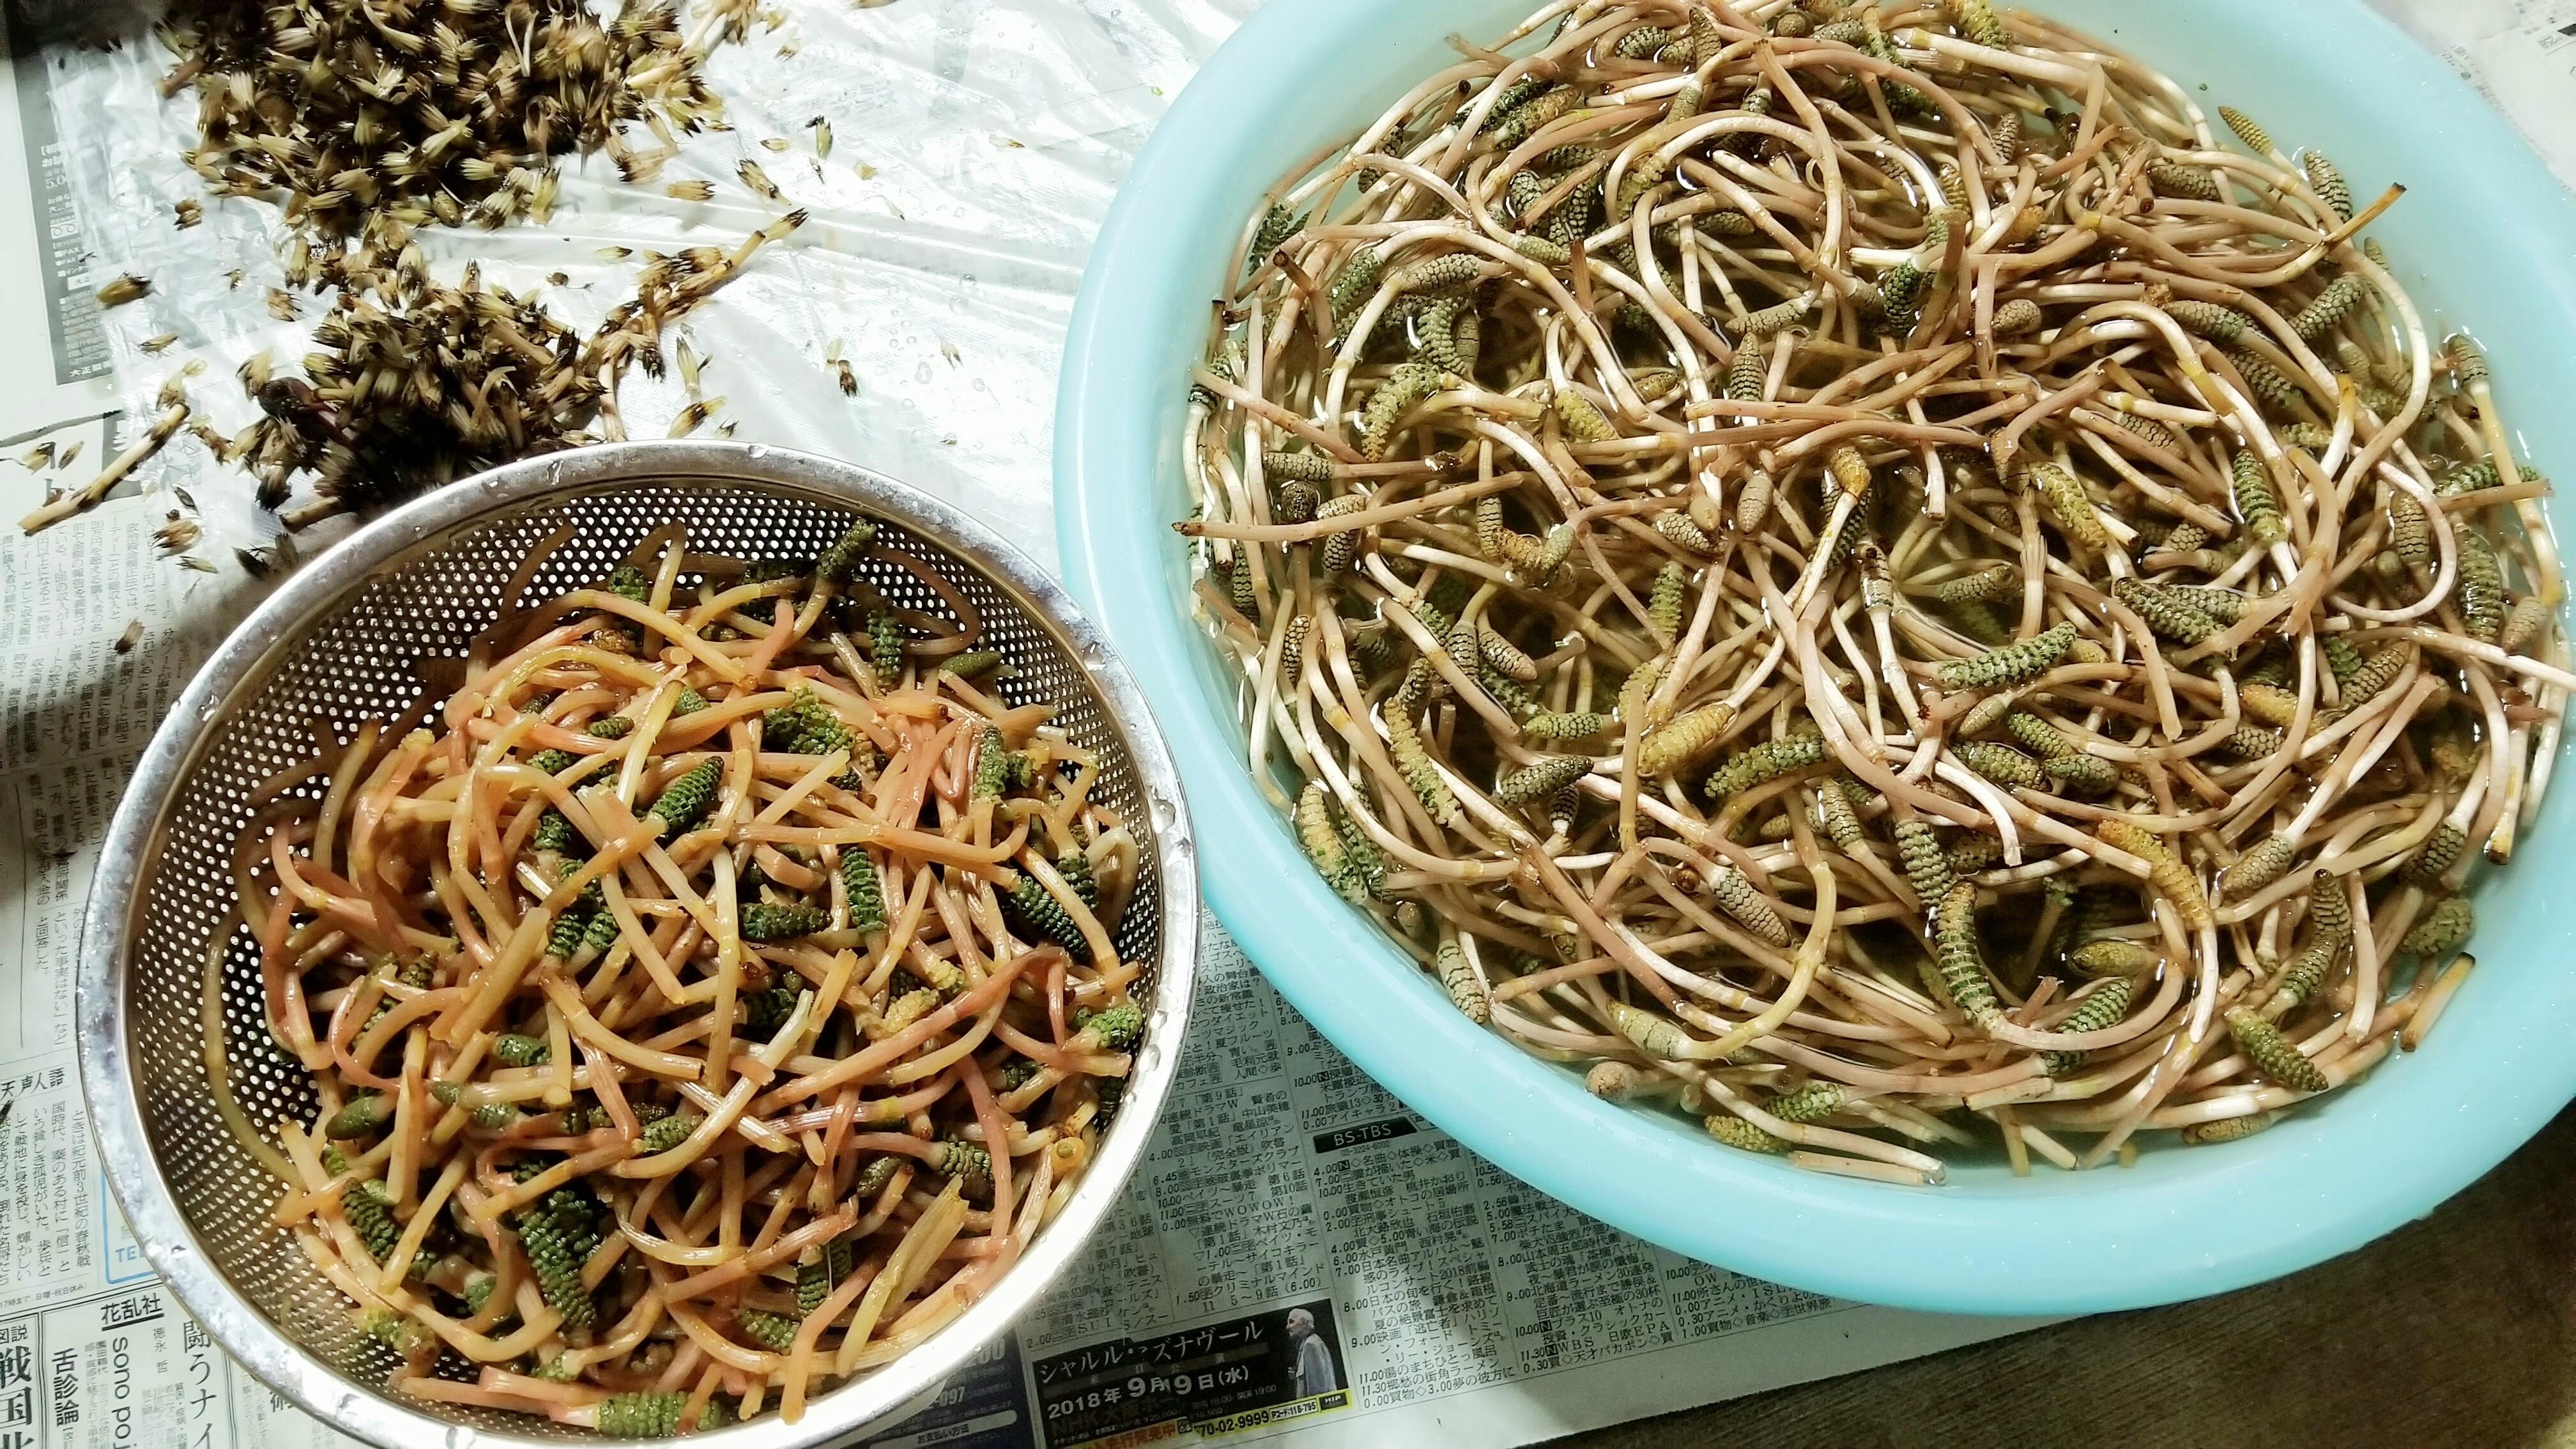 つくし土筆咲く時期愛媛県下ごしらえ効果処理料理食べ方レシピ画像